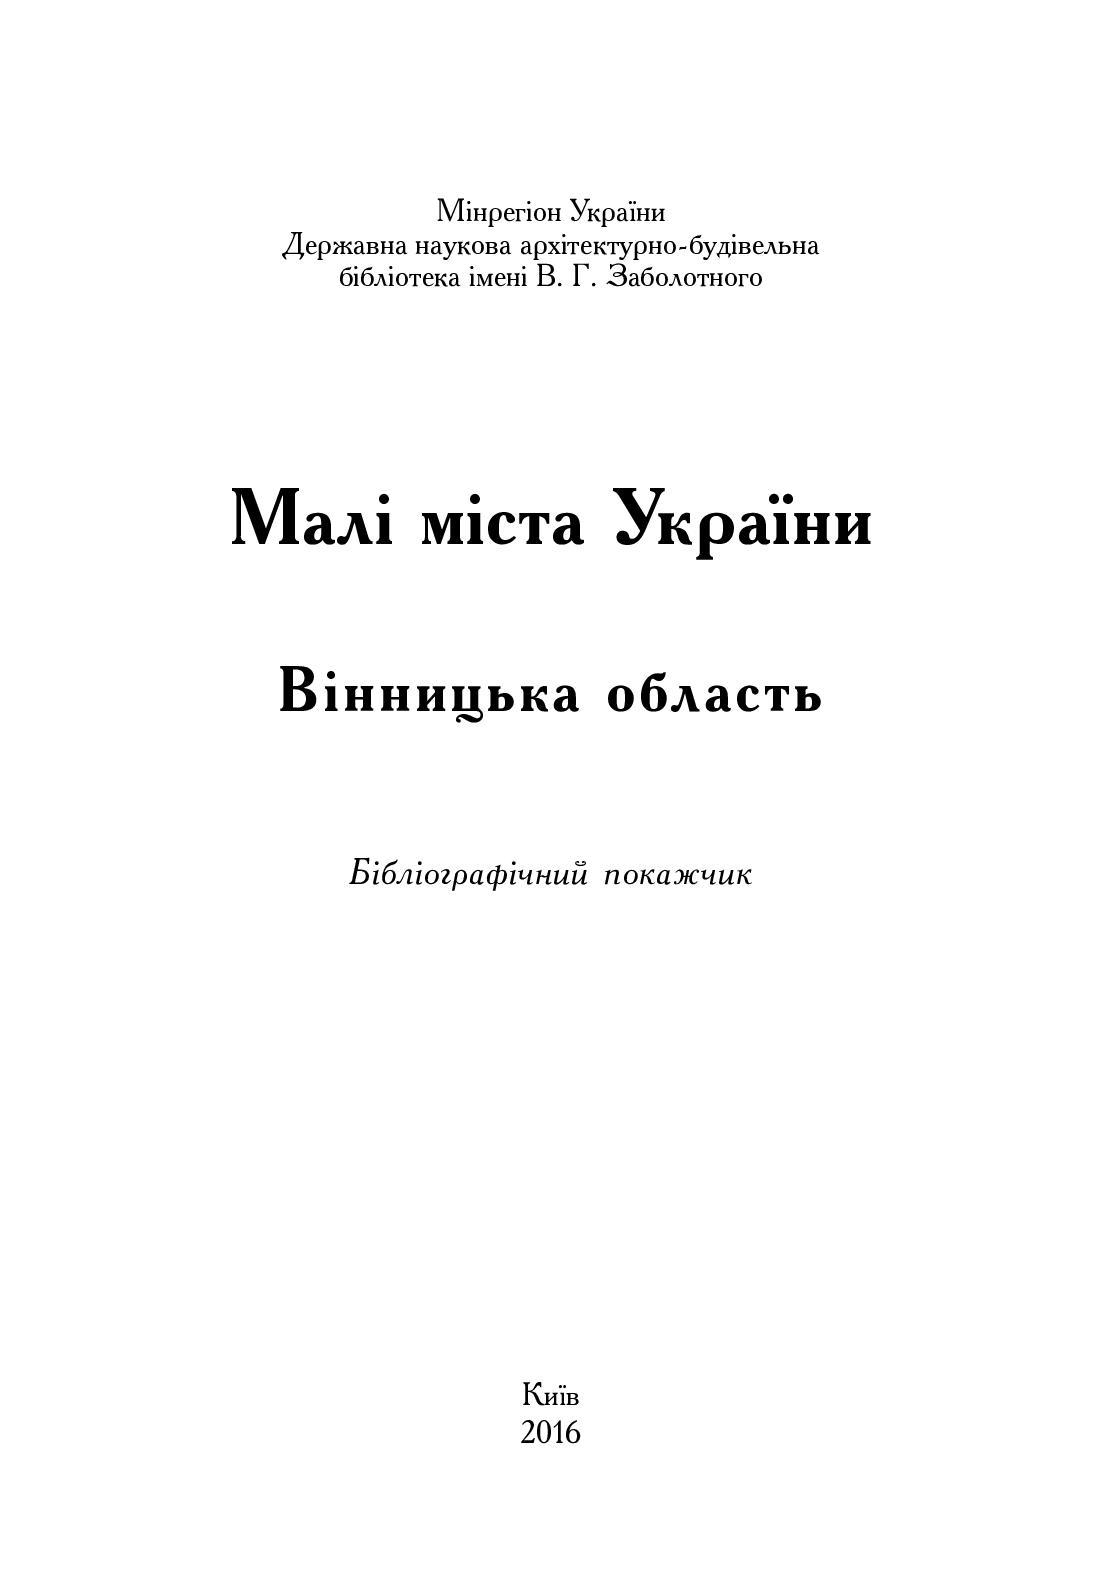 Вінницька область 16 12 2016